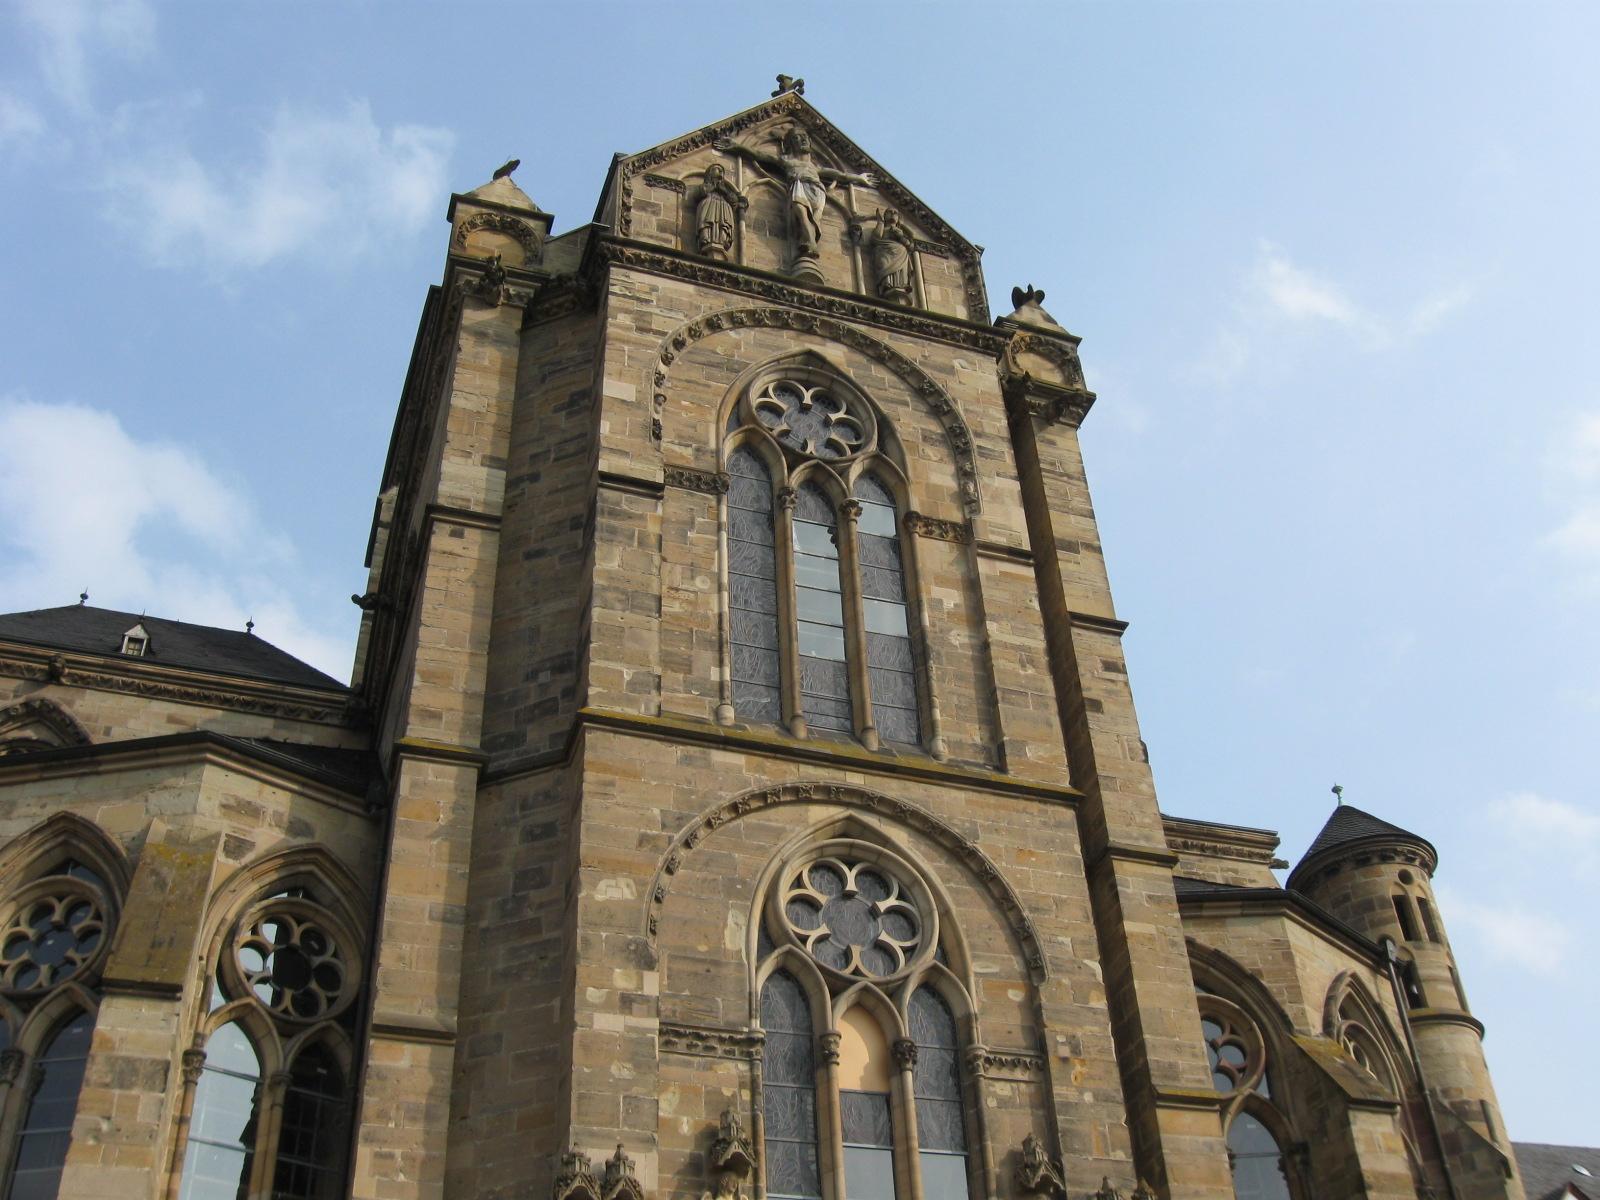 Liebfrauenkirche (Church of Our Dear Lady)